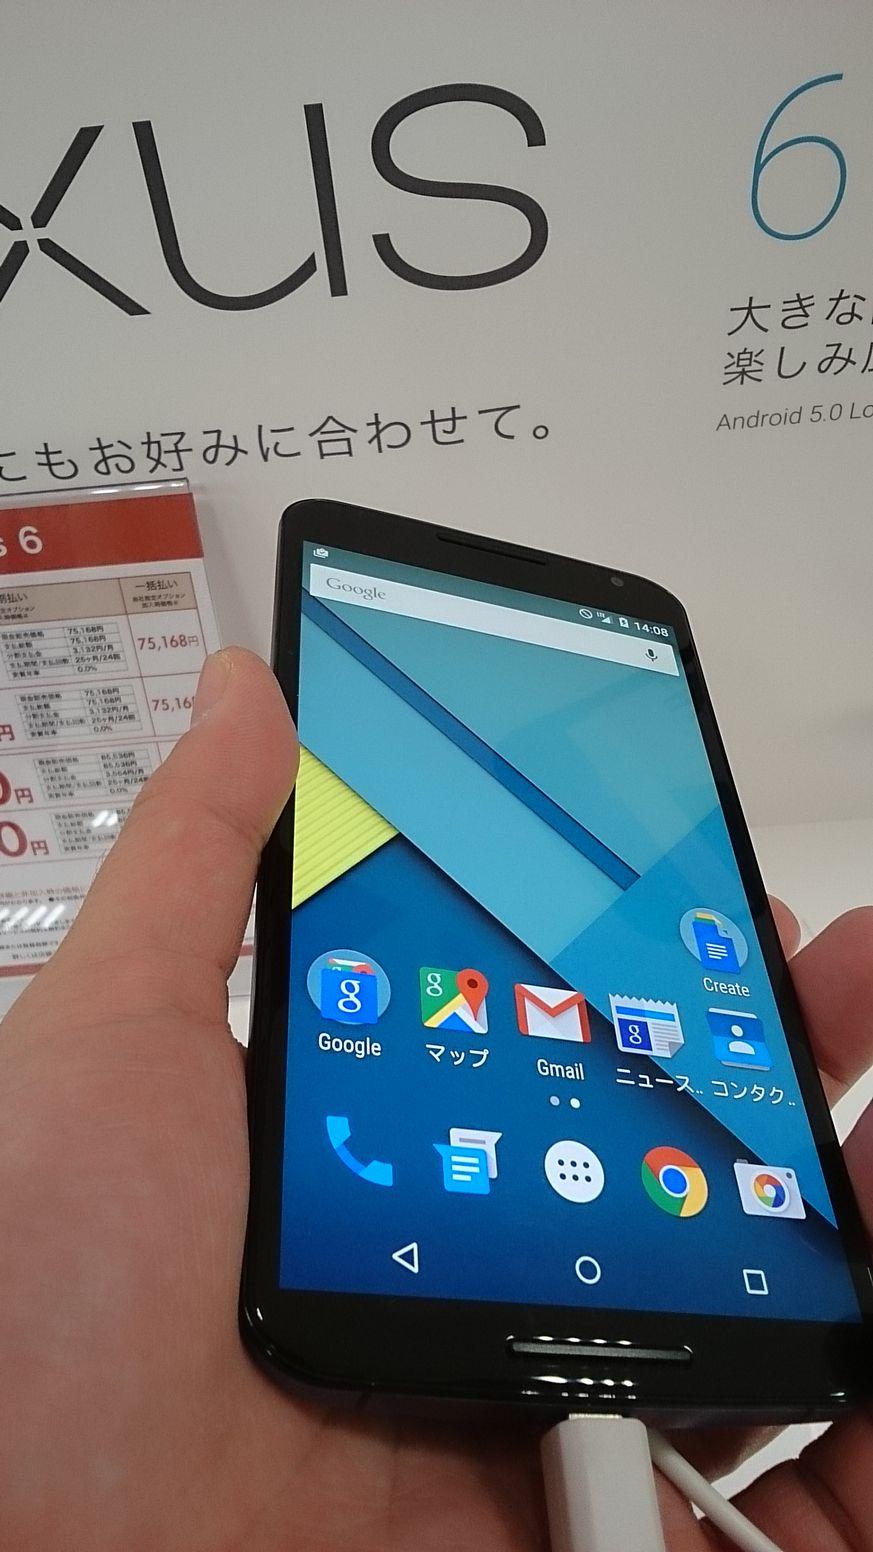 Google Nexus6とズルトラ比較してみた・・・N6圧勝ですやん